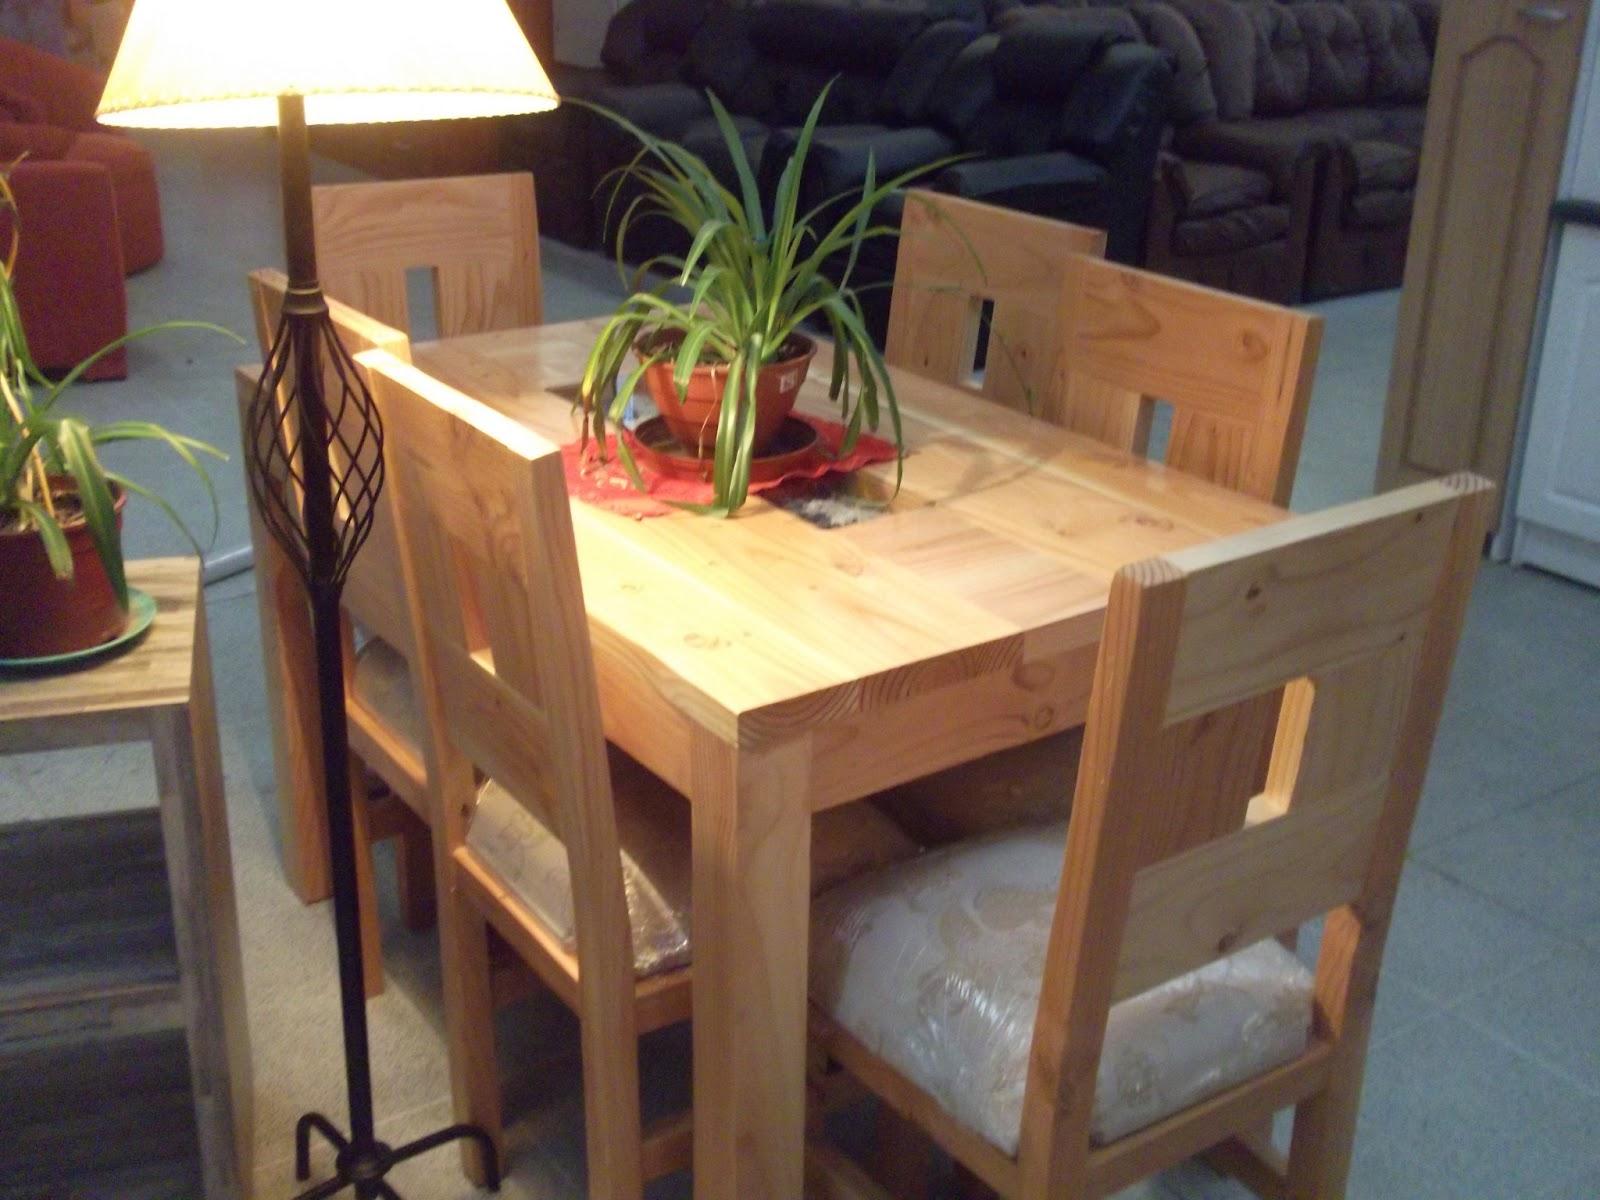 Muebles camila comedor pino oreg n chico cubierta mosaico for Comedores en pino